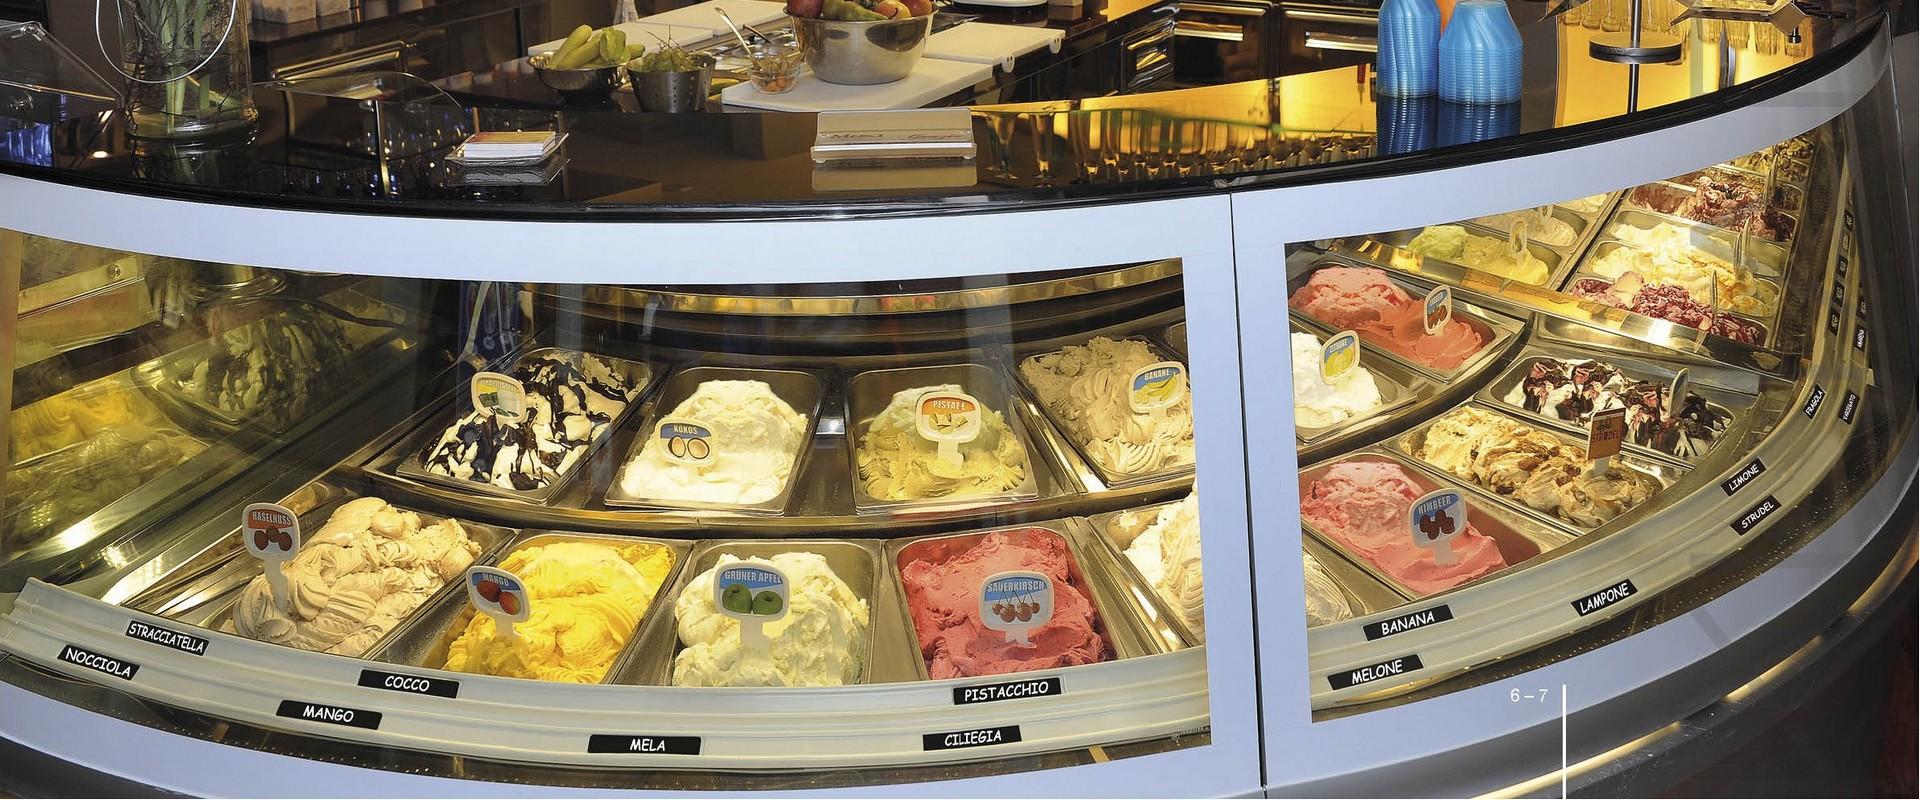 Realizzazione di vetrina espositiva per gelato con modulo Linea Kuadra